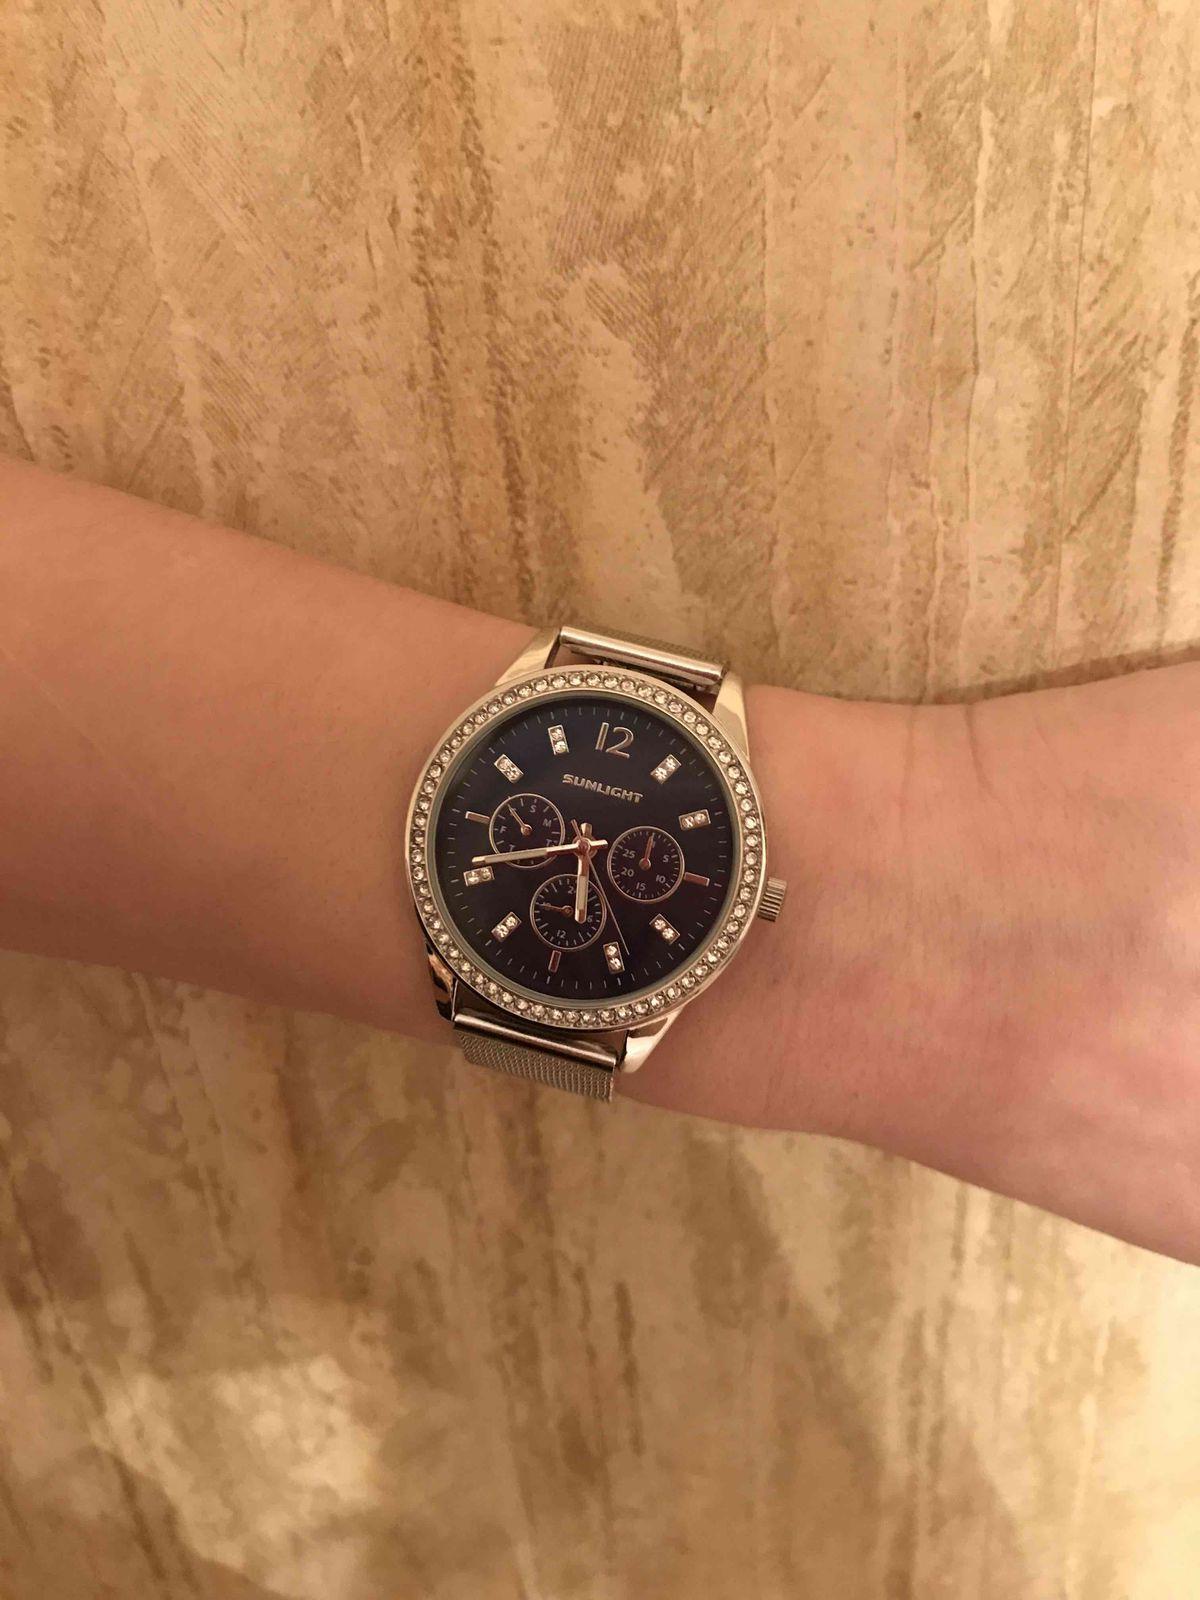 Часы миниатюрно смотрятся на руке